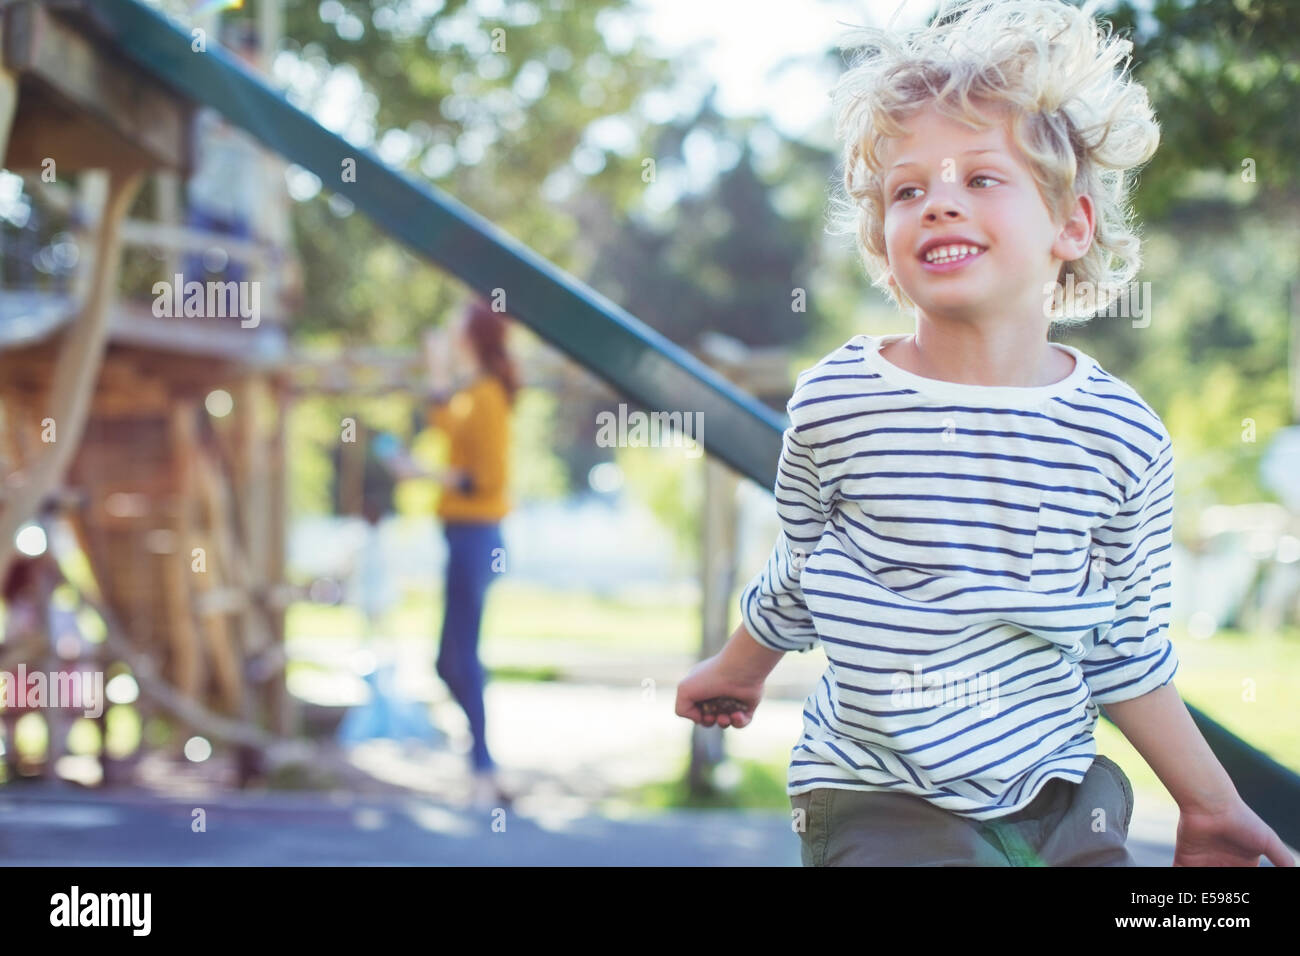 Play Boy jugando en suelo Imagen De Stock